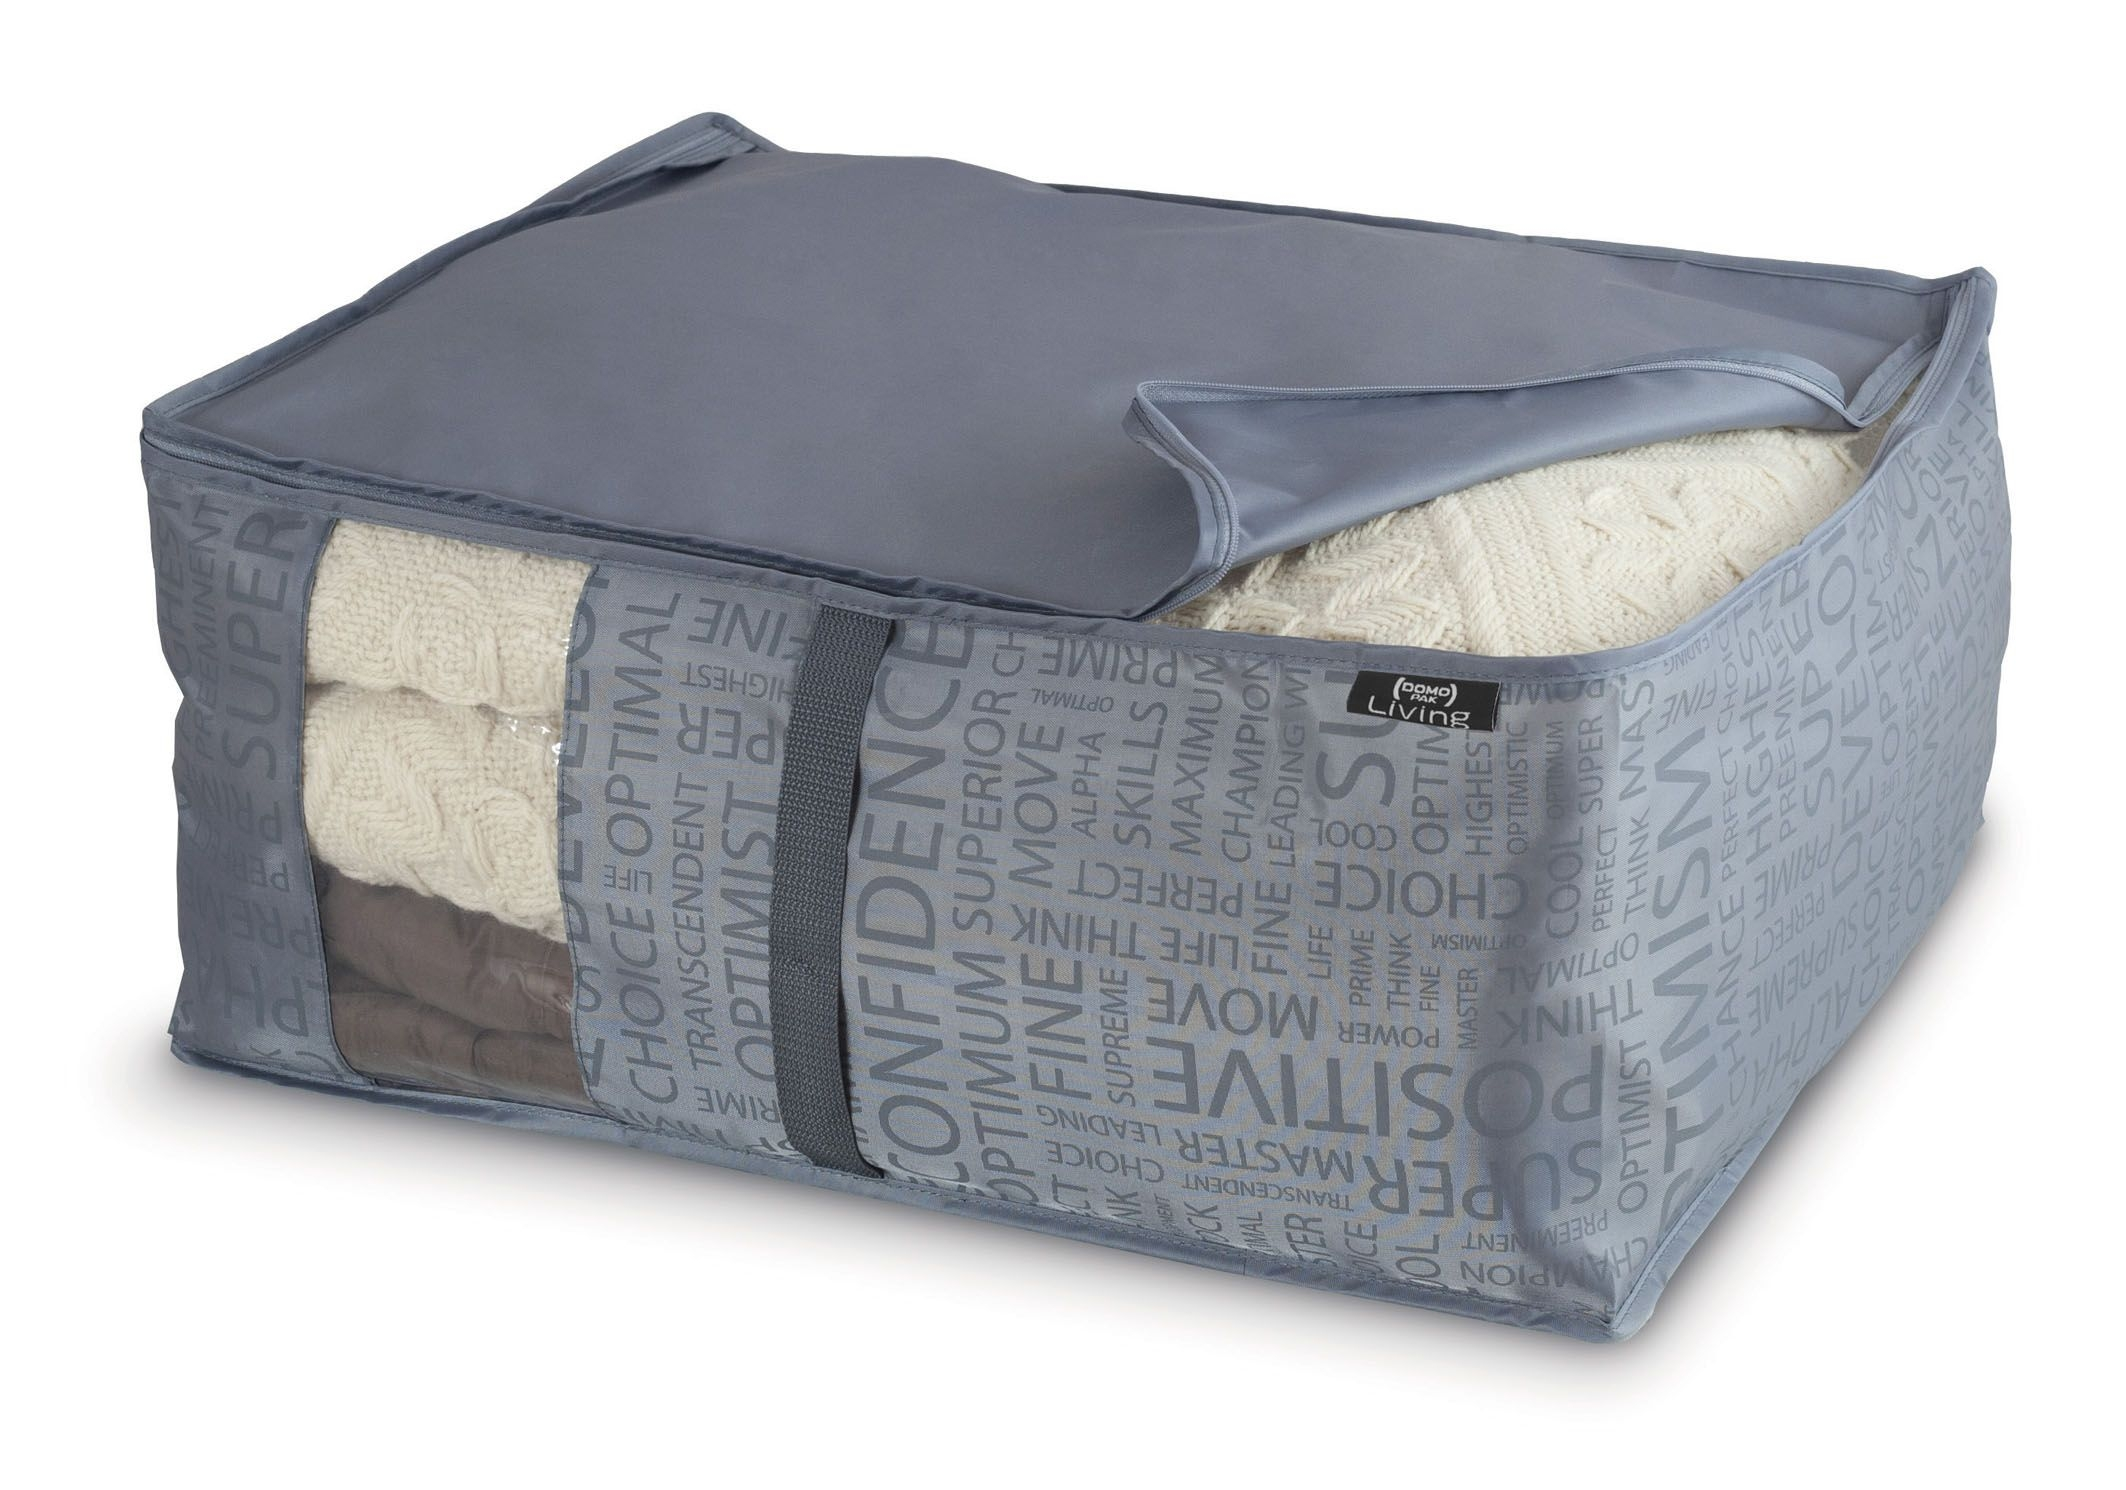 Organizator textil pliabil cu fermoar, Urban L Gri, L55xl45xH25 cm imagine